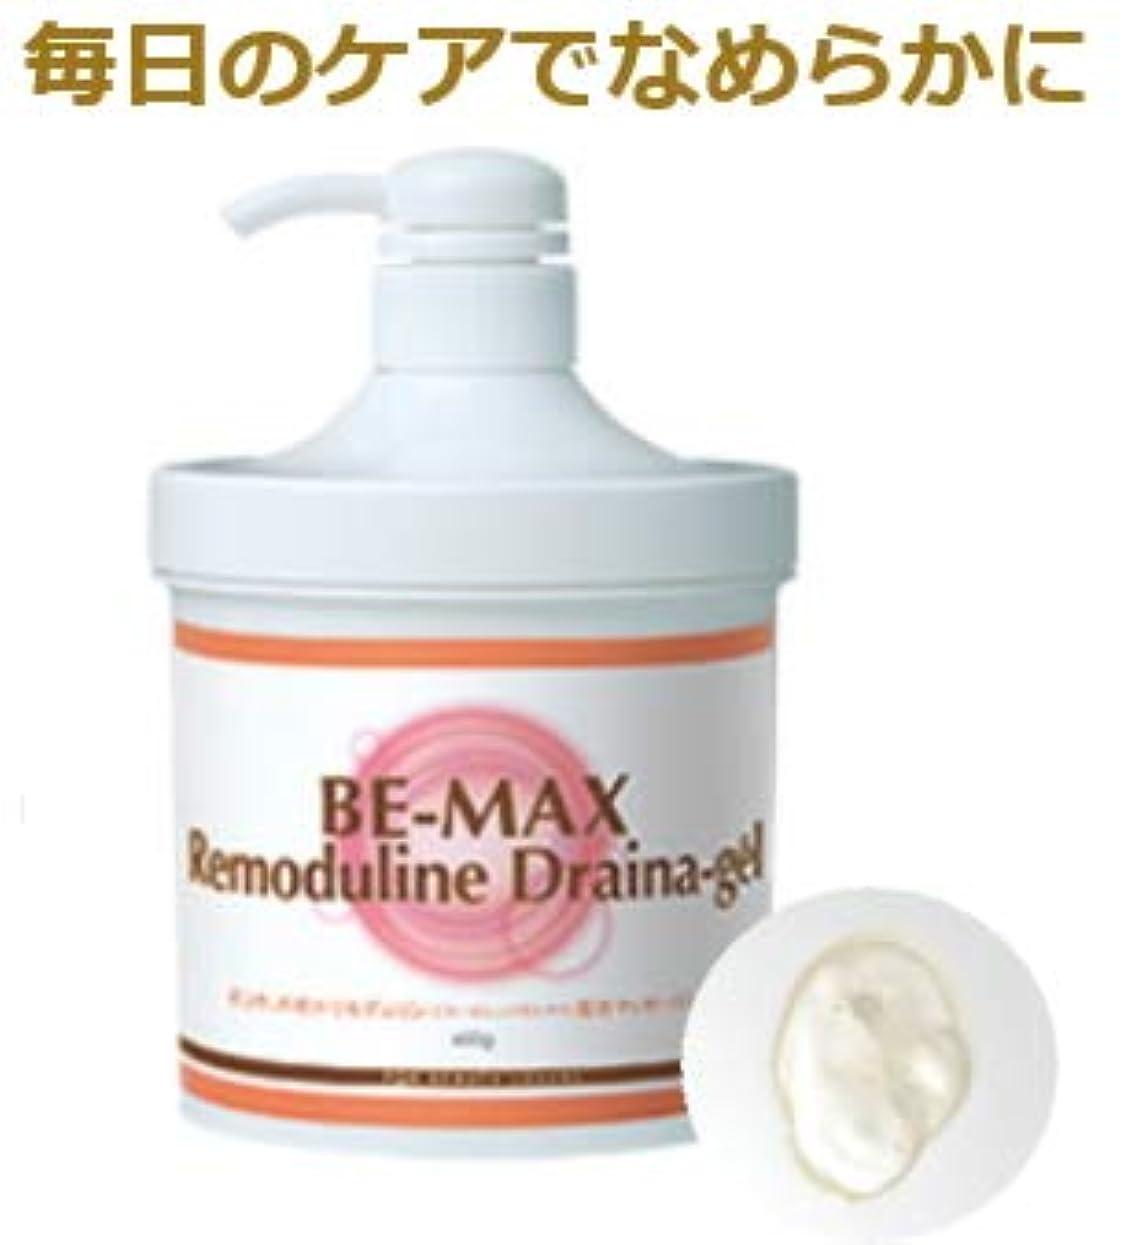 付属品レッスン忘れっぽい【正規販売店】BE-MAX Remoduline Draina-gel(リモデュリン ドレナージェル)600g